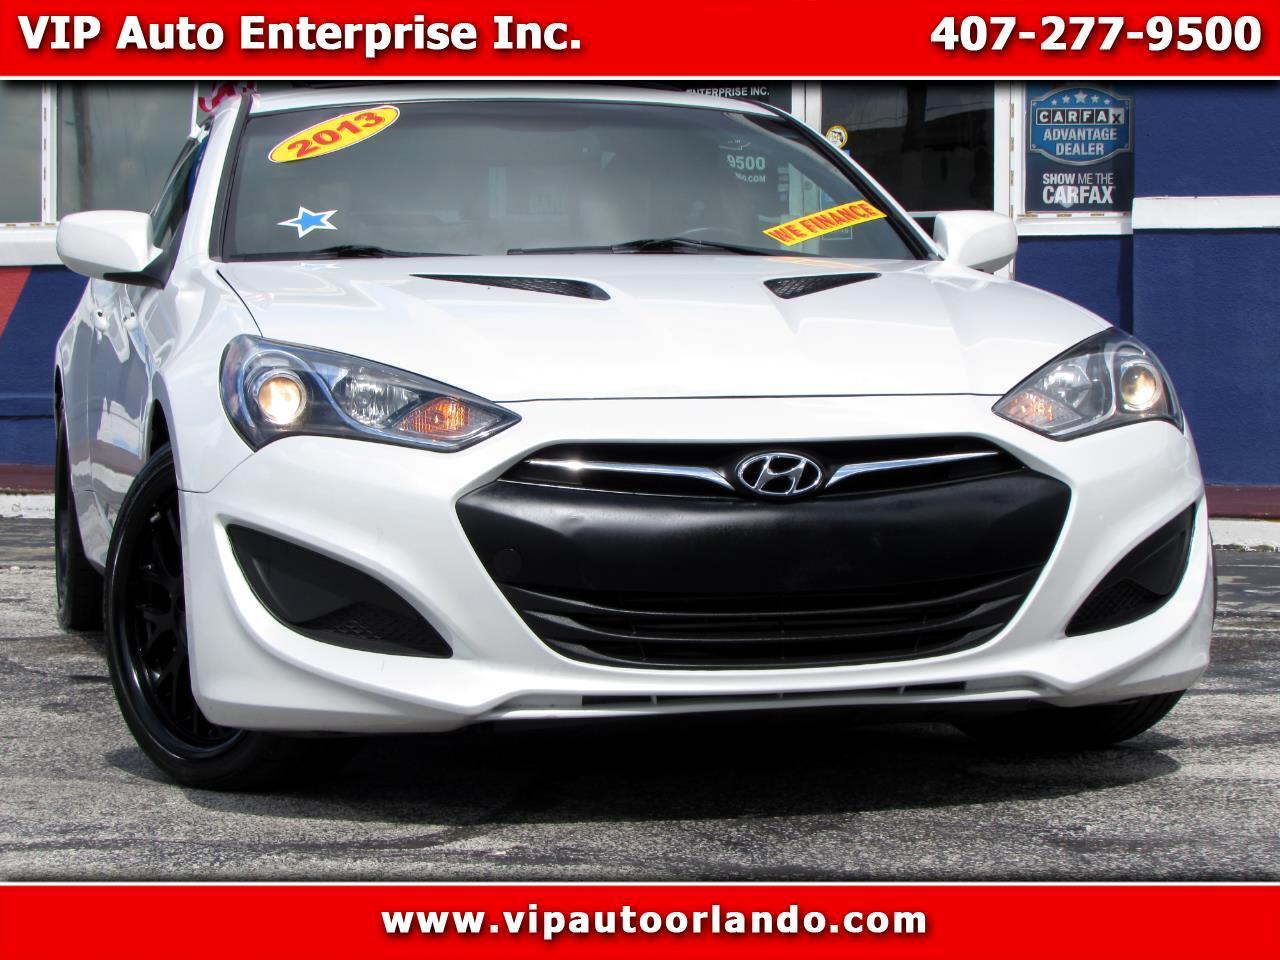 2013 Hyundai Genesis Coupe 2dr I4 2.0T Auto Premium